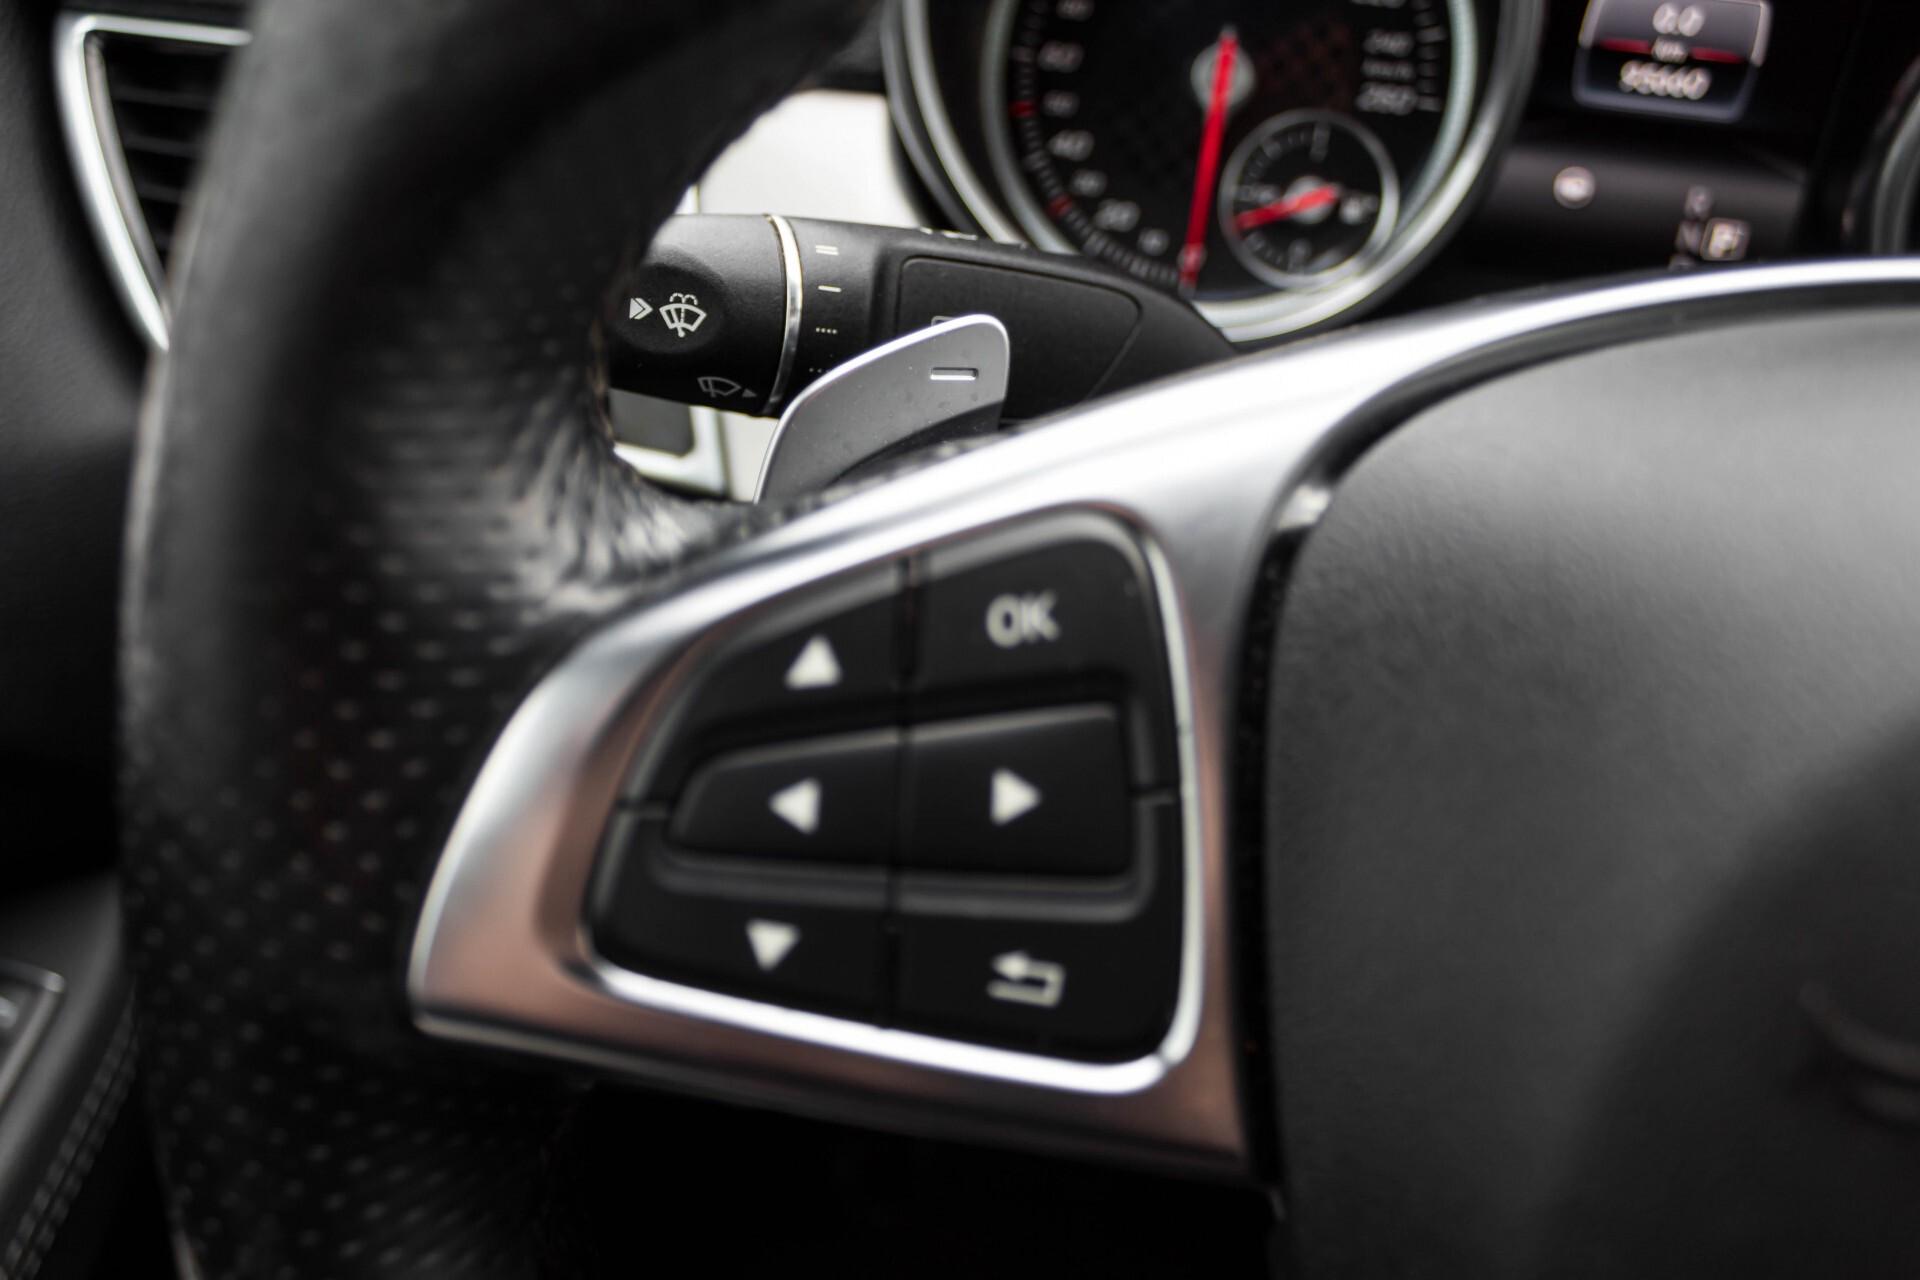 Mercedes-Benz GLE Coupé 350 d 4-M AMG Luchtvering/Distronic/Panorama/Mem/Trekhaak Aut9 Foto 12